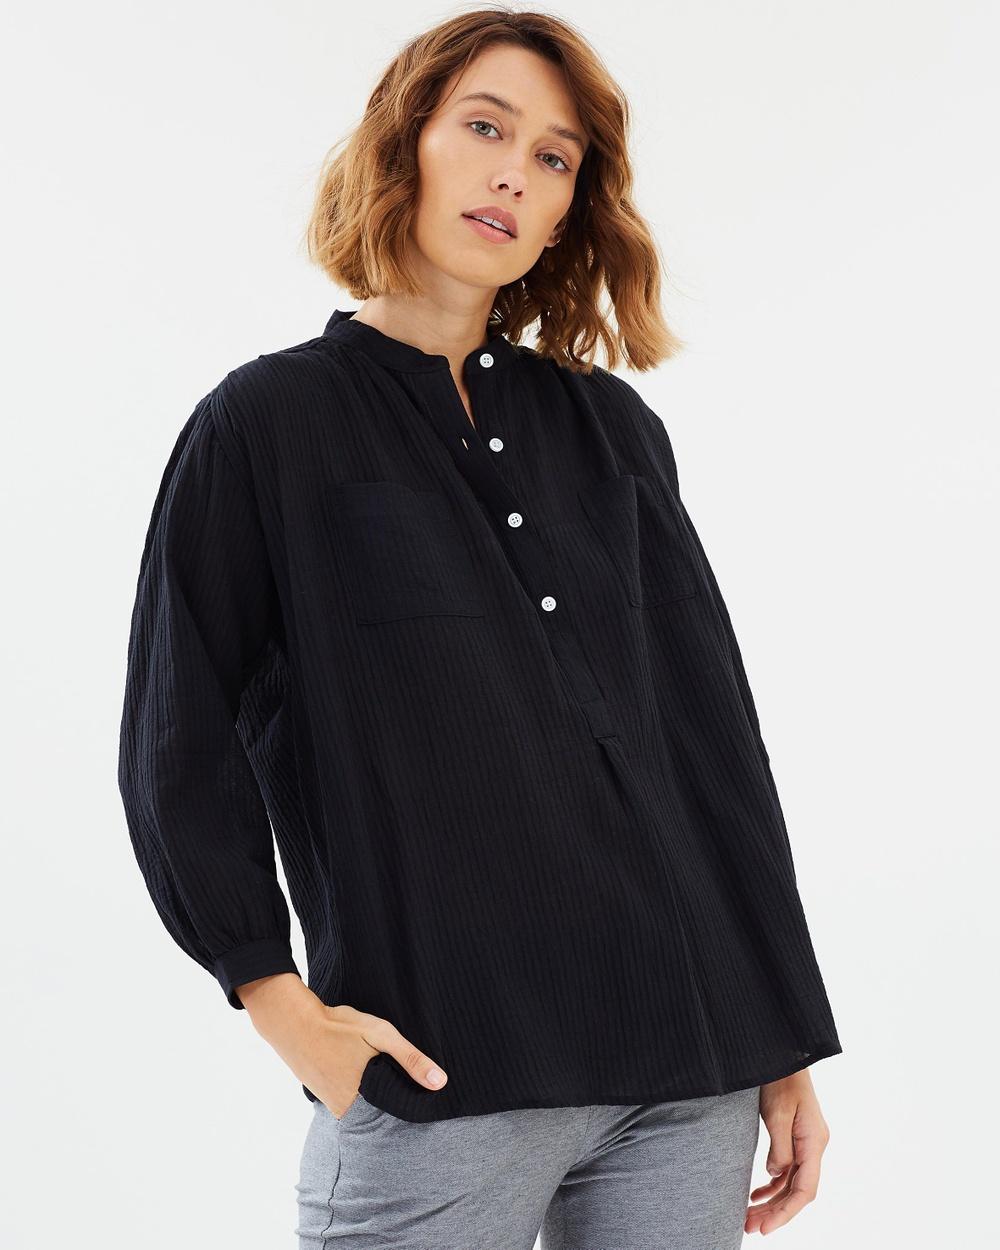 Weathered Nina Relaxed Shirt Tops Black Nina Relaxed Shirt